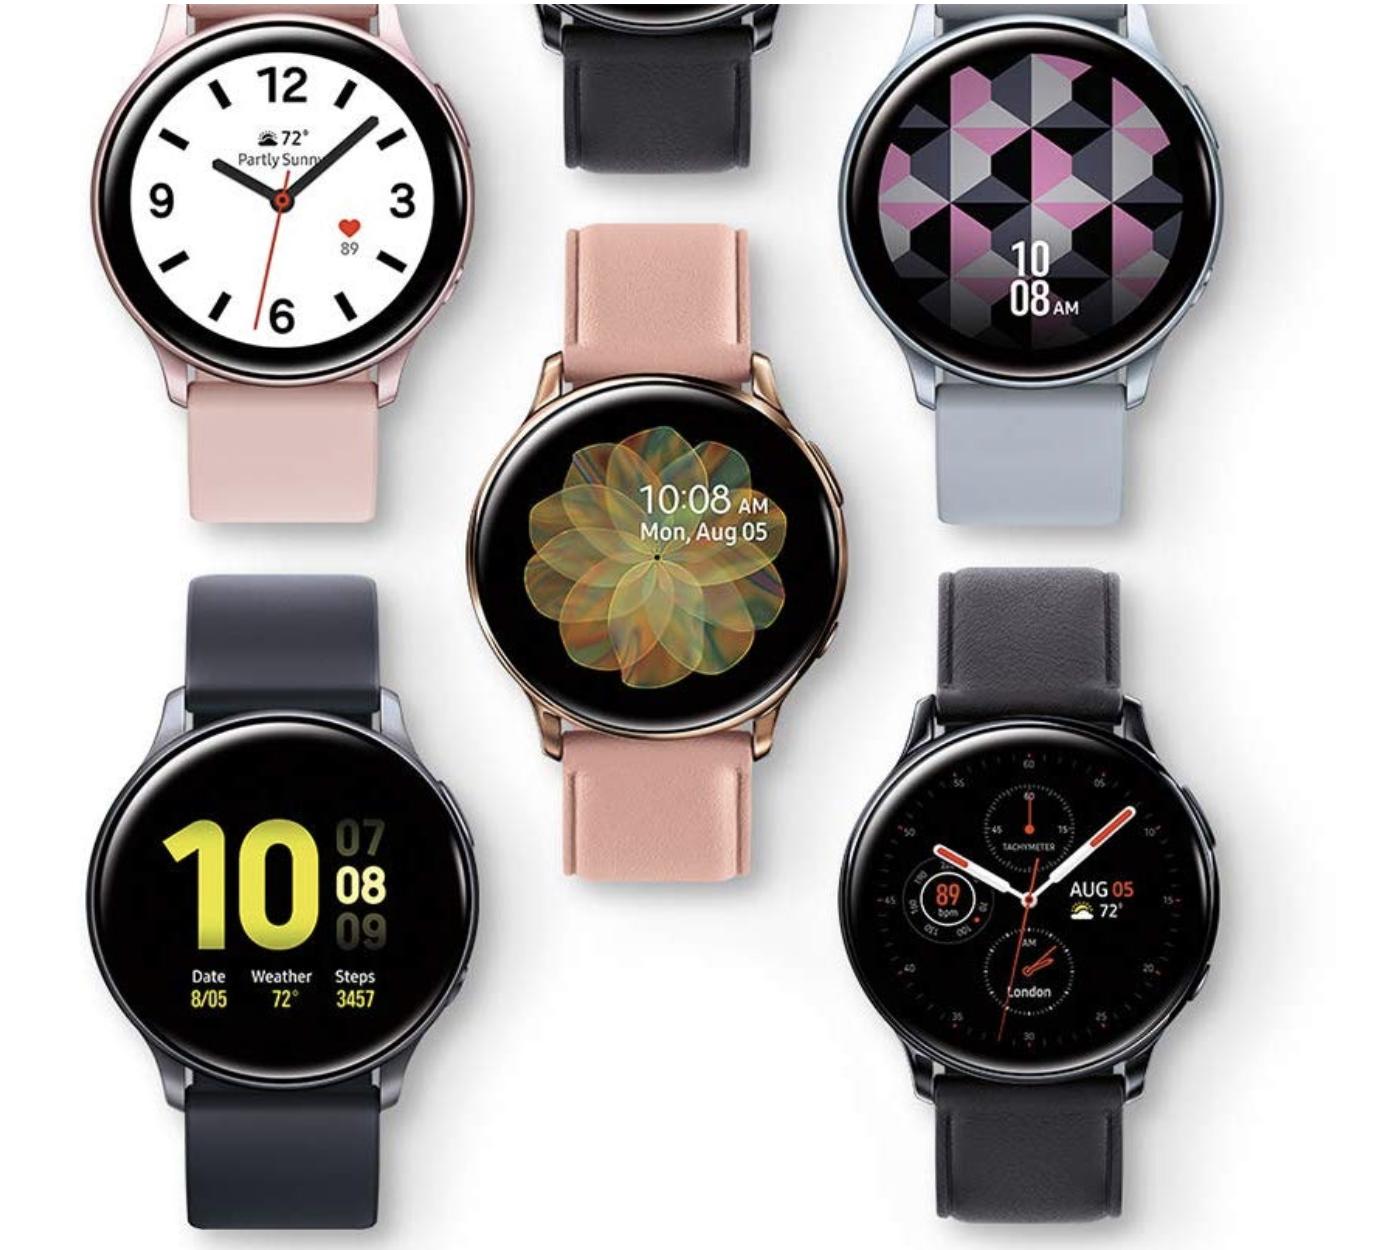 שעון ה Samsung Galaxy Watch Active2 במחיר מעולה!